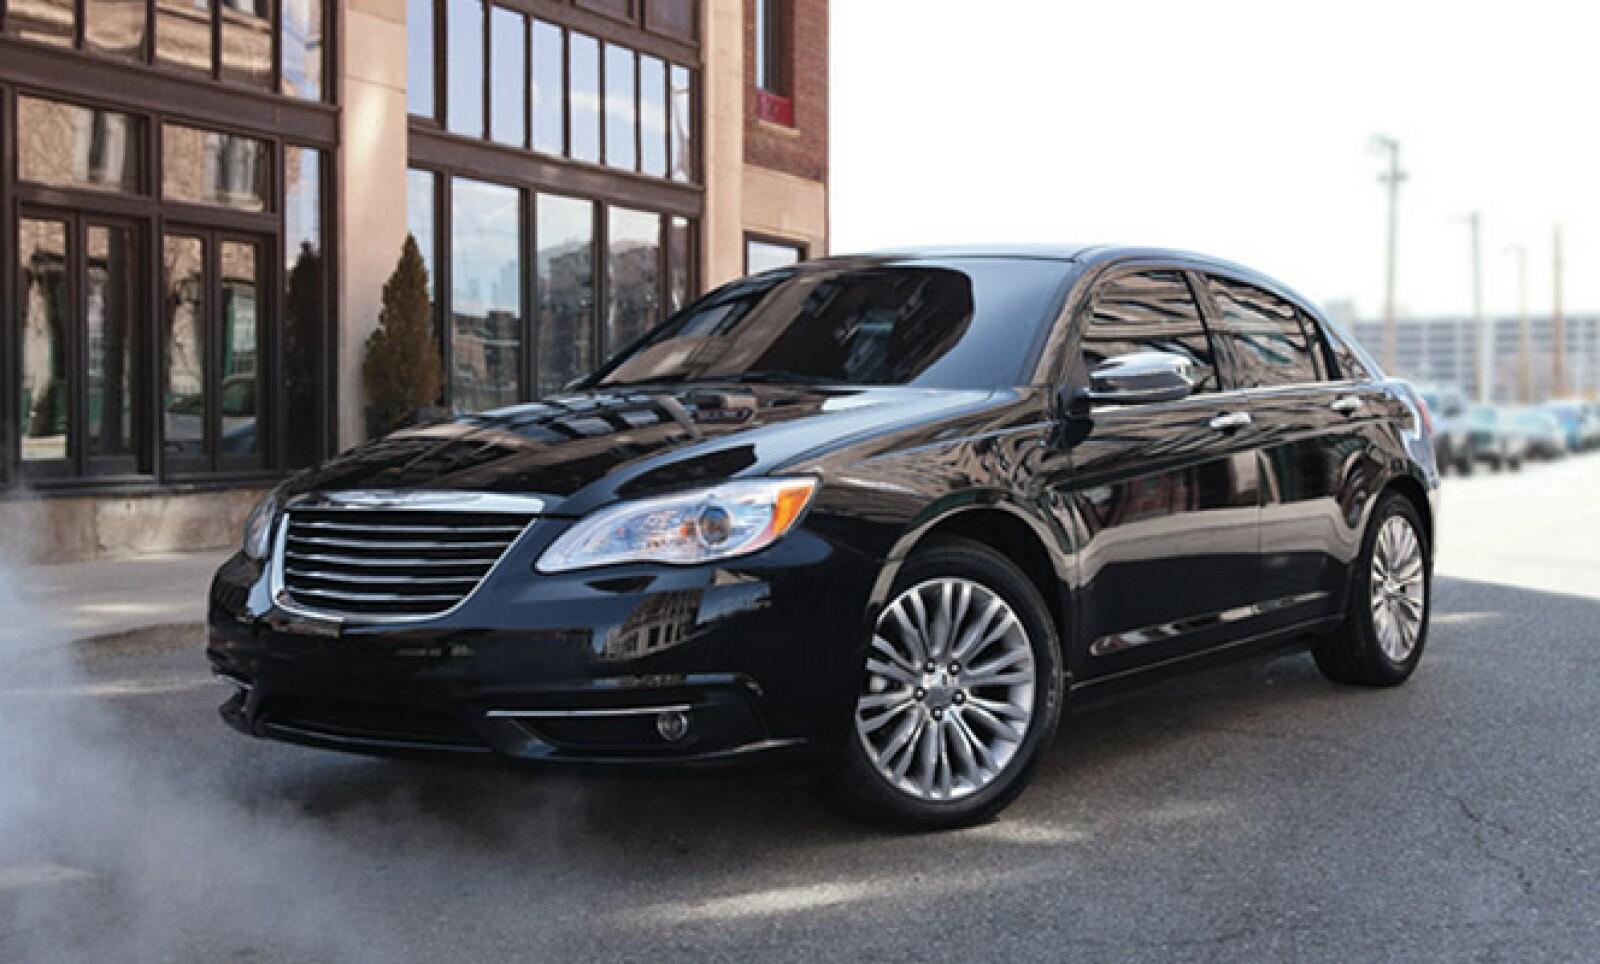 De este vehículo de lujo se comercializaron 1,304 unidades, 23.2% menos.